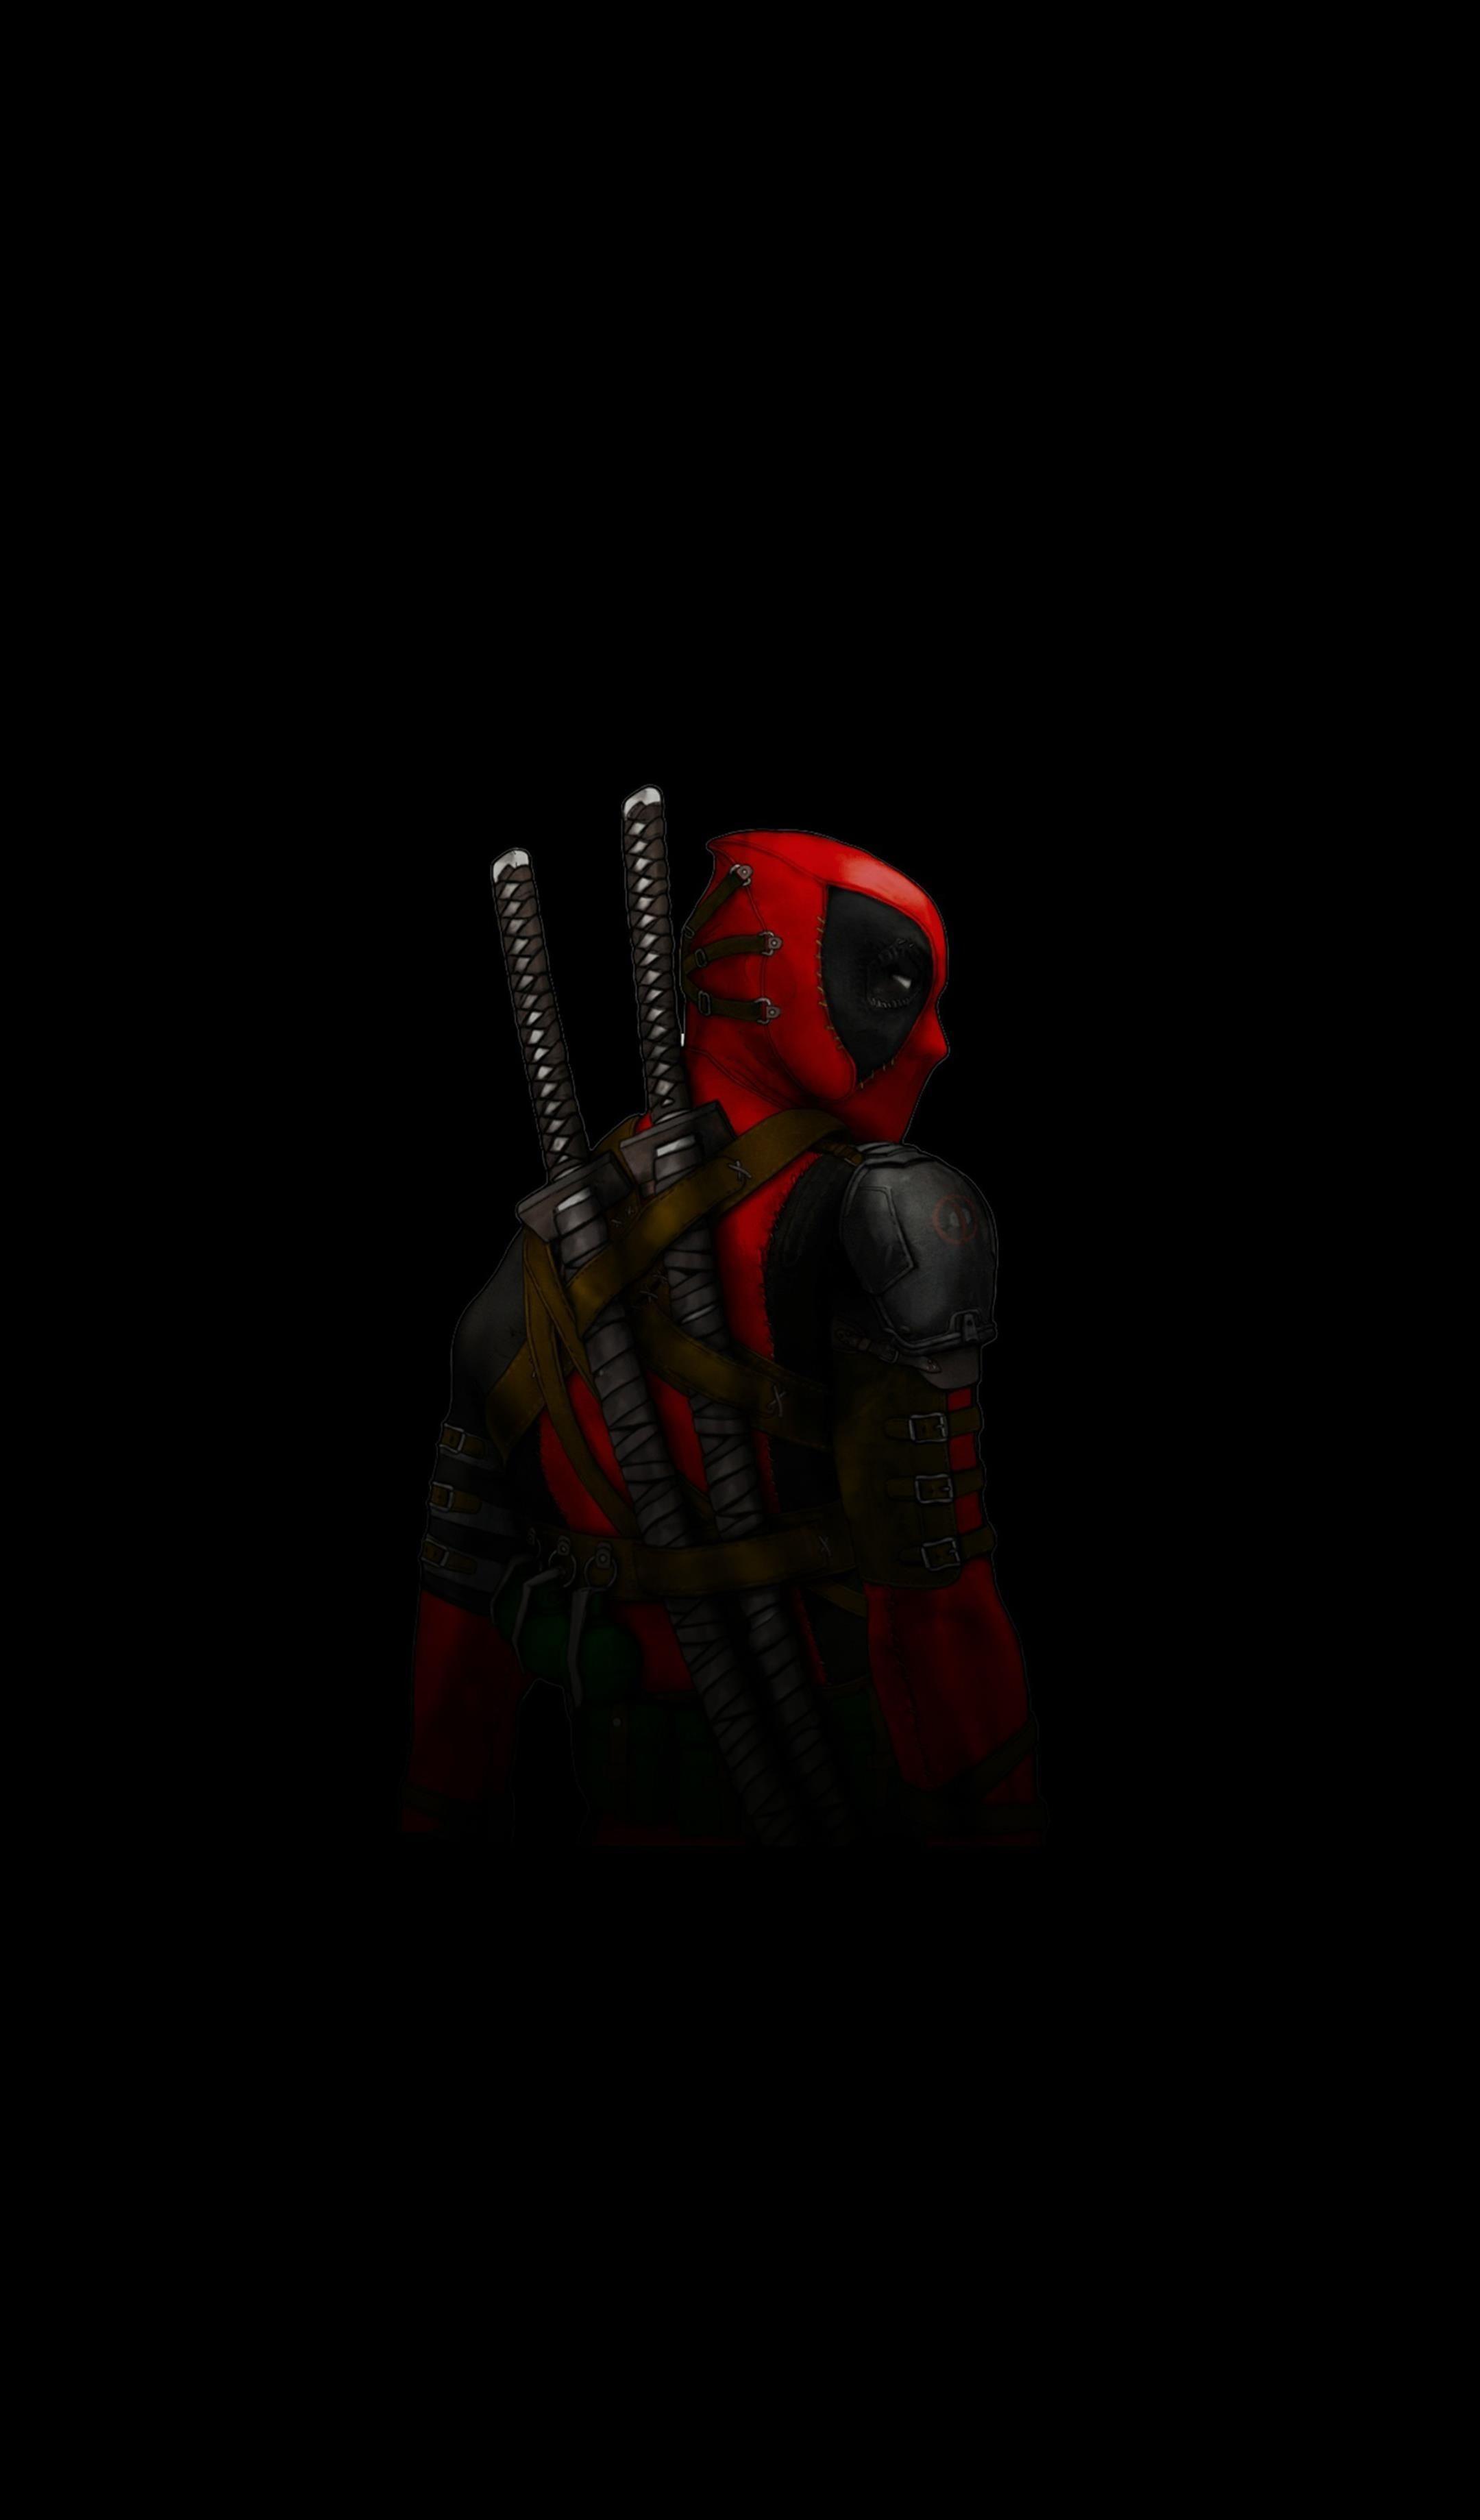 Resultado De Imagen Para Deadpool Fondo De Pantalla Hd Fondos De Pantalla Hd Deadpool Dead Pool